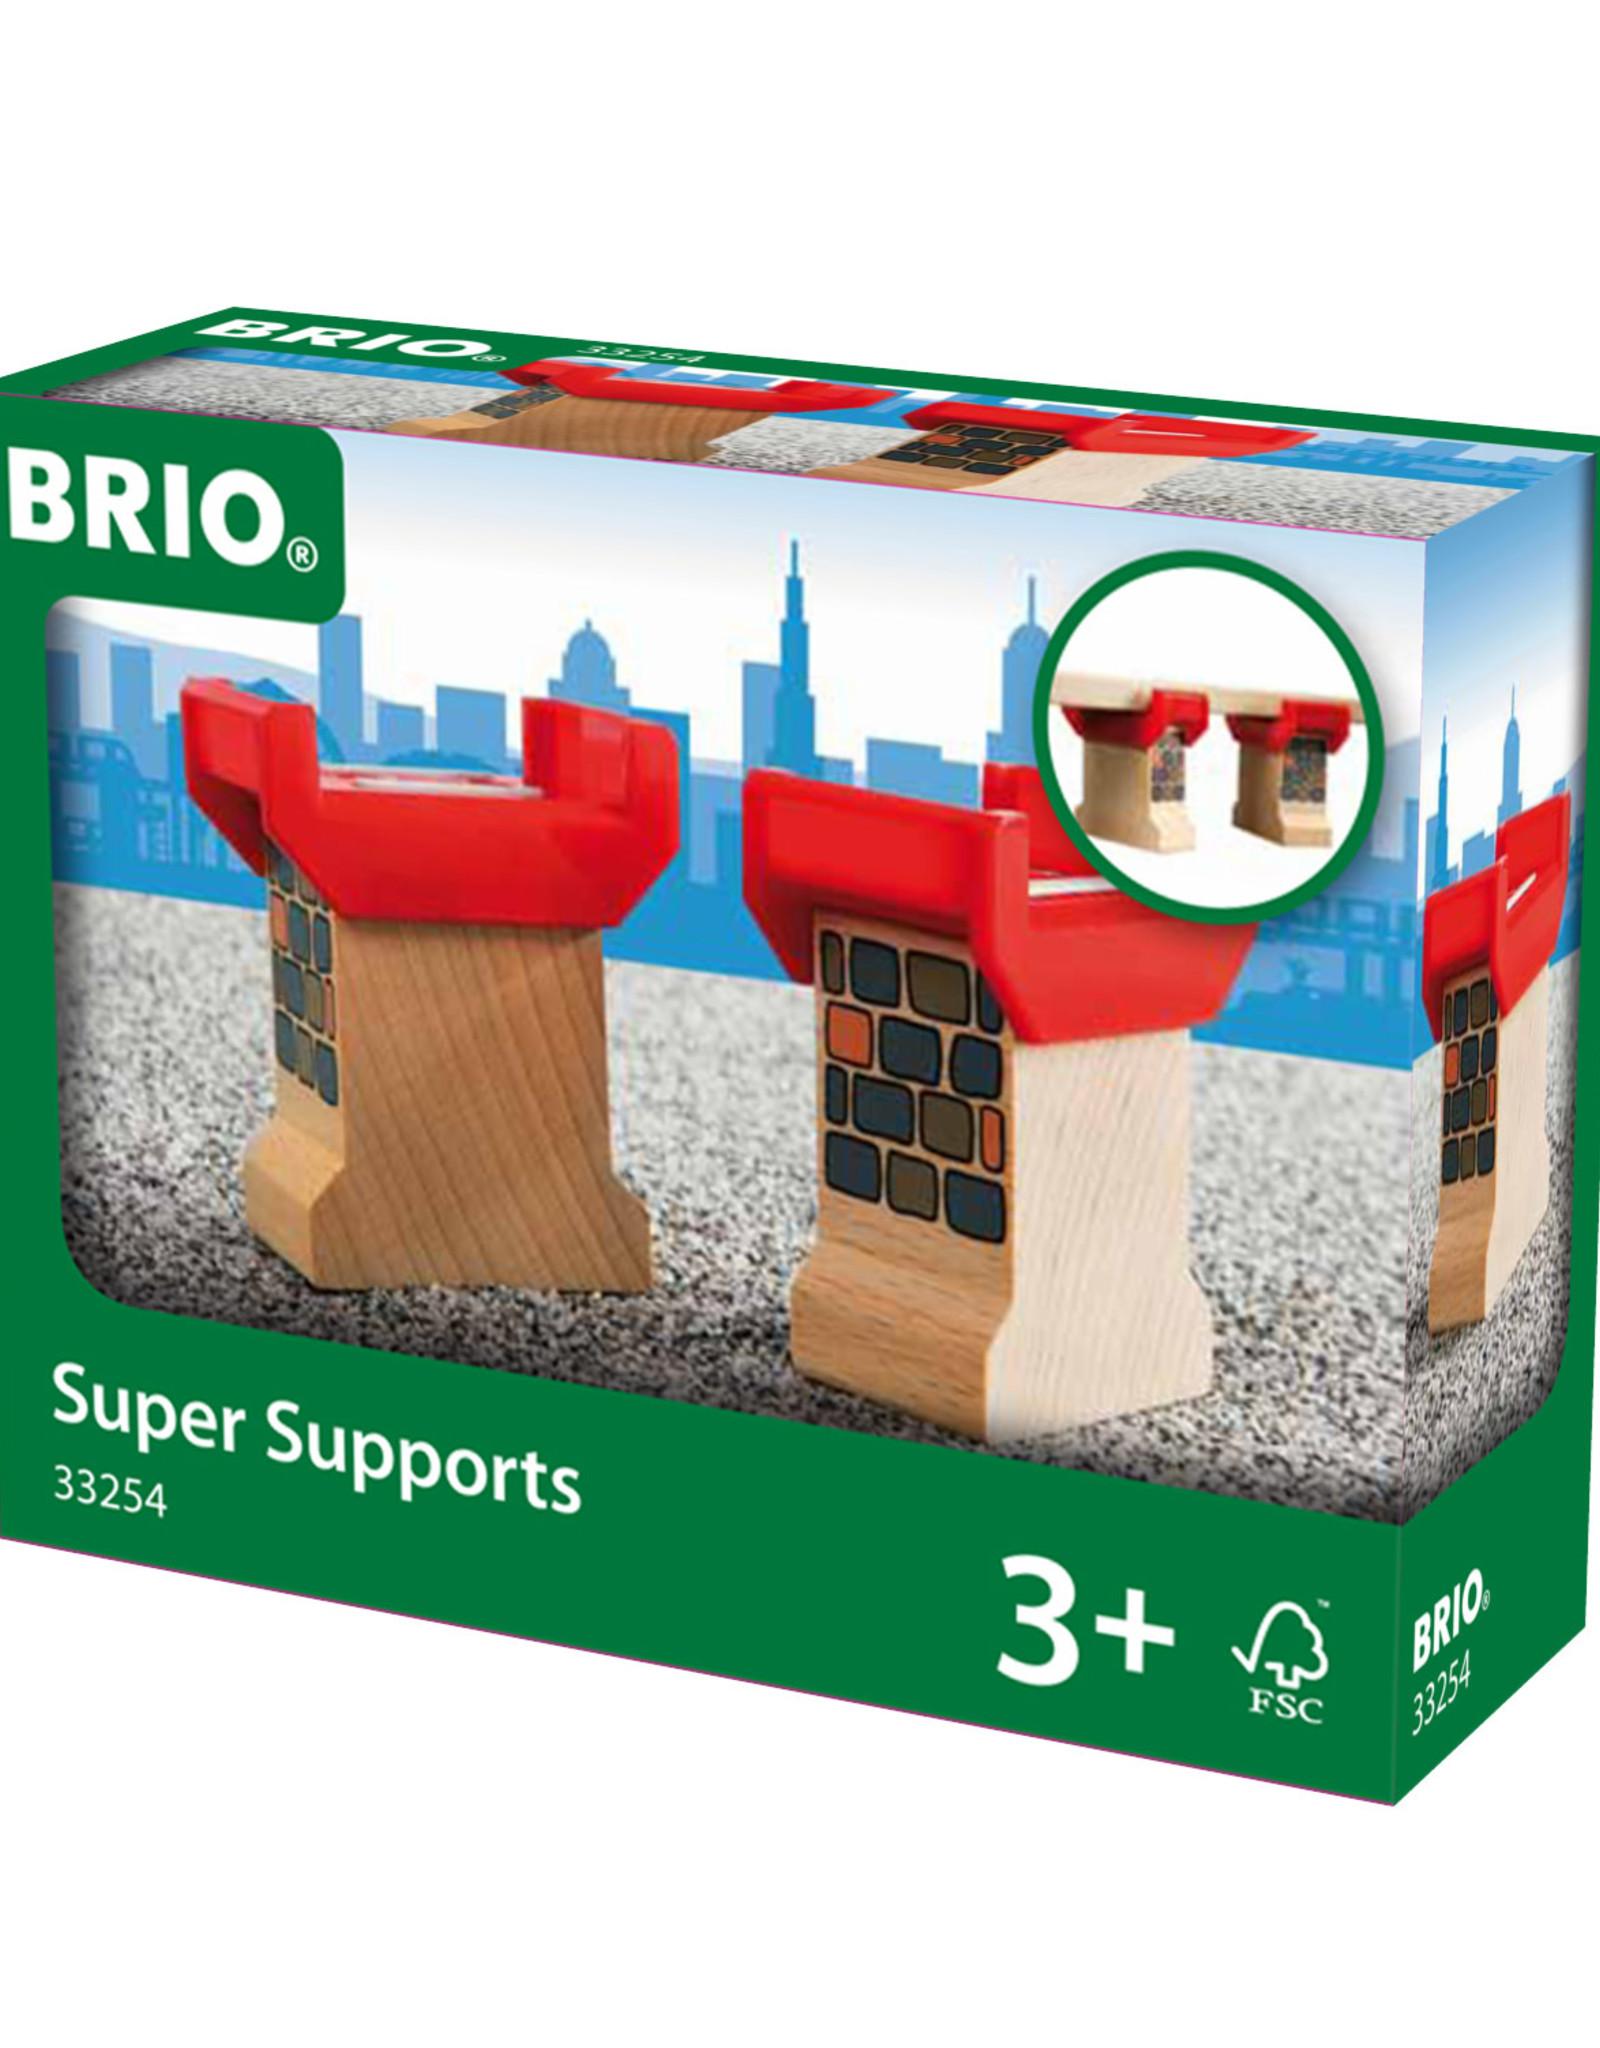 Brio Super Supports